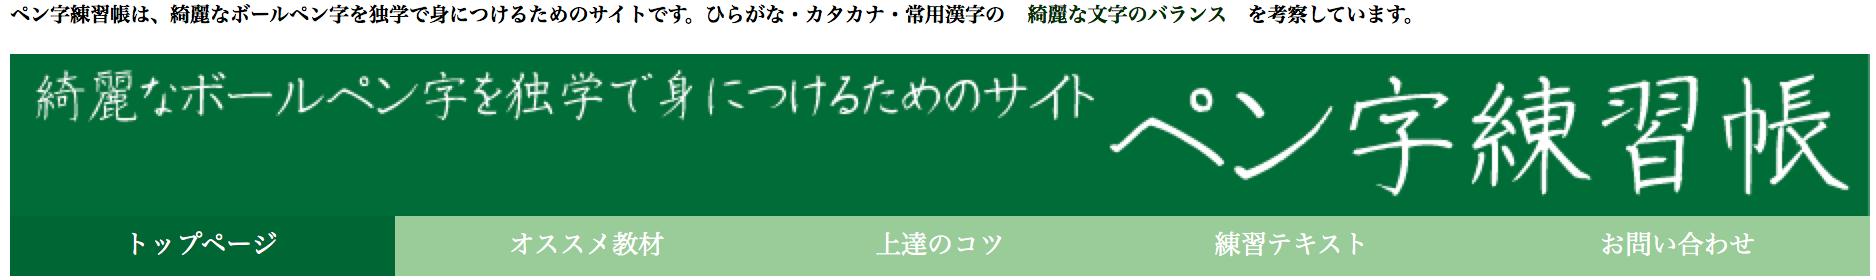 ペン字info